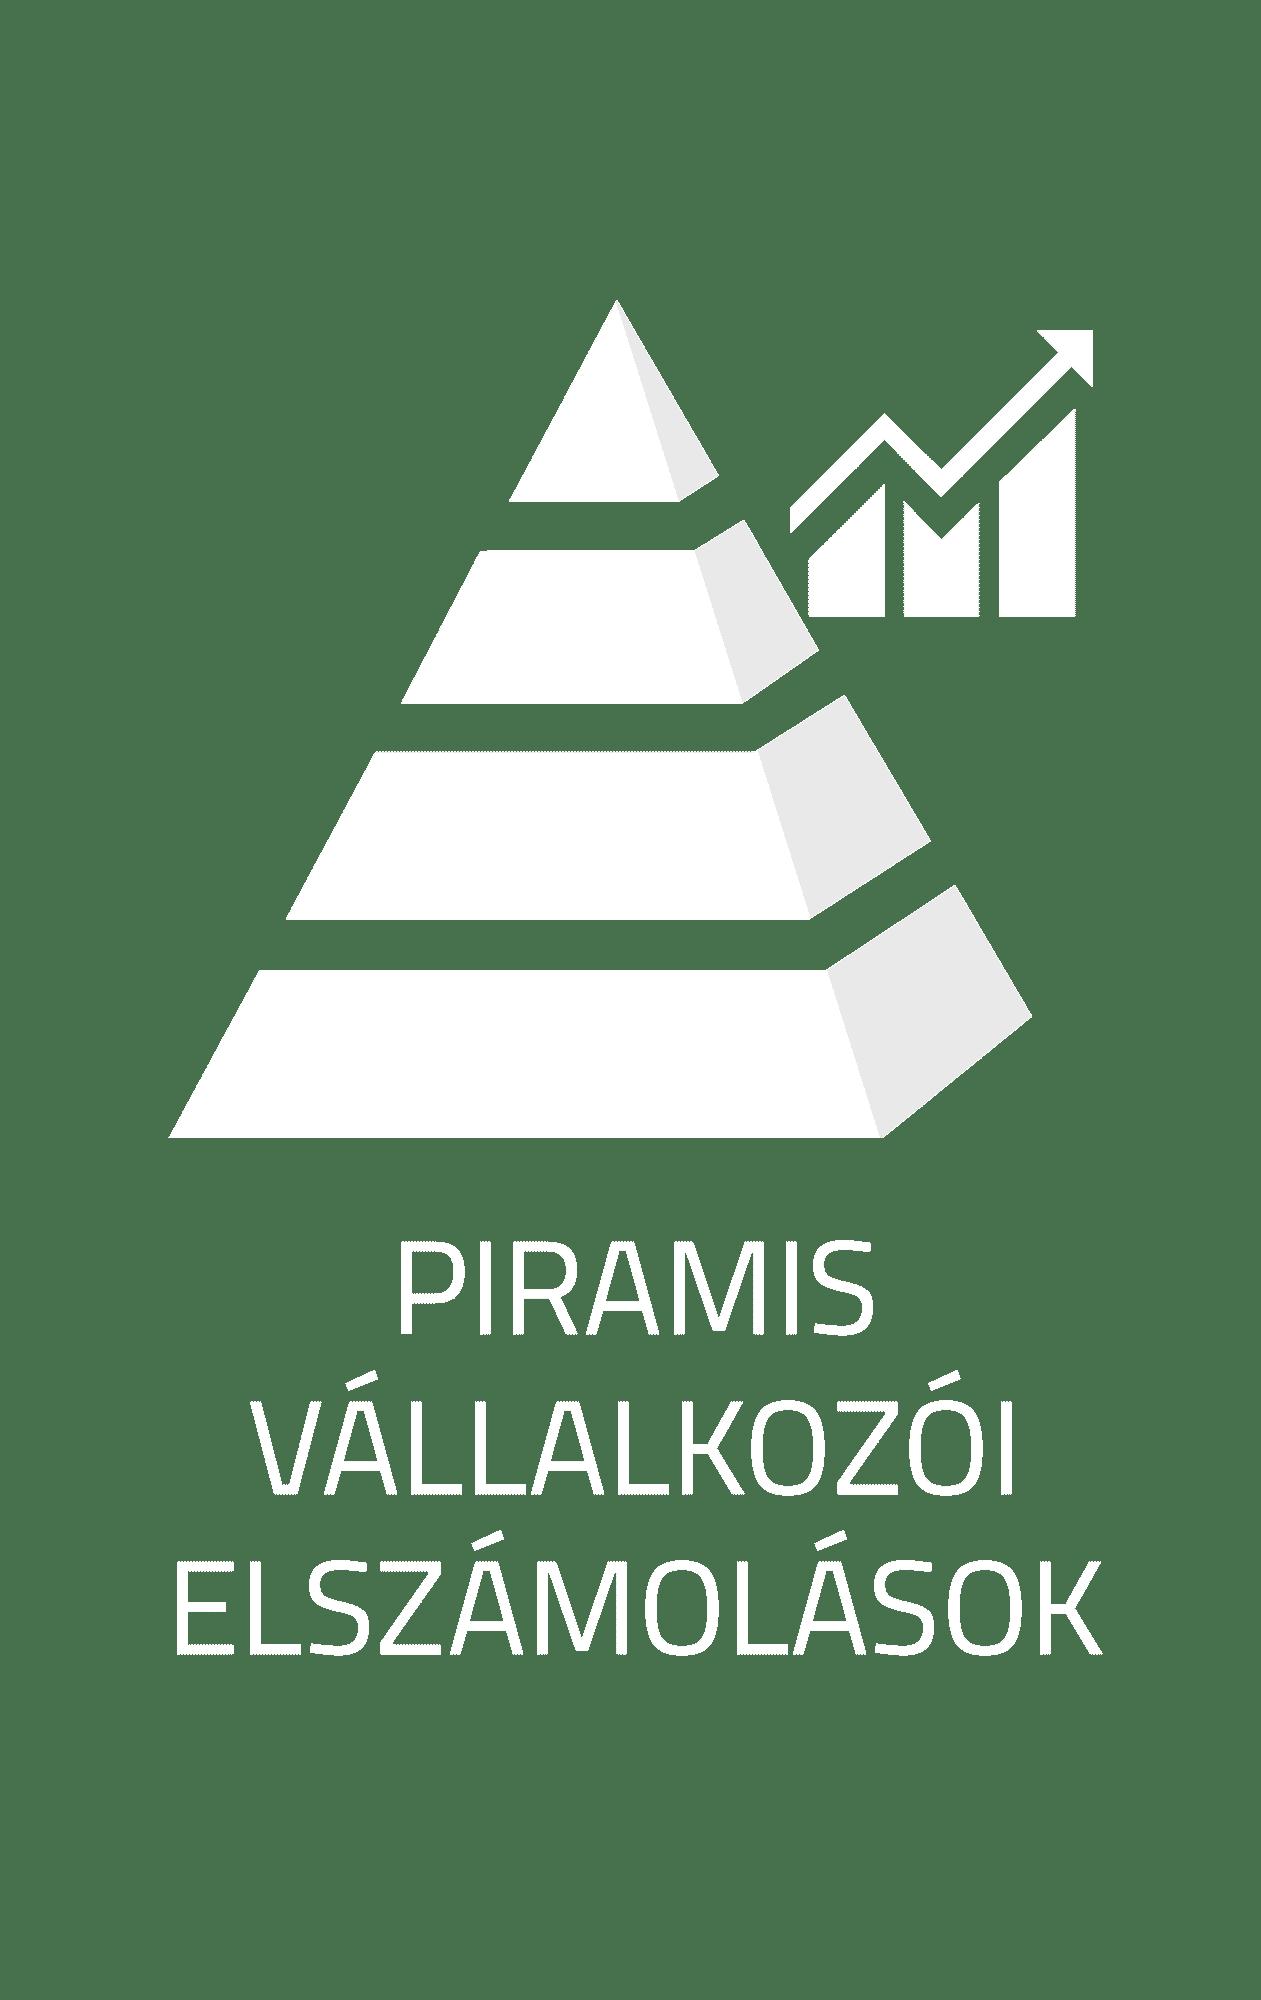 Piramis vállalkozói elszámolások